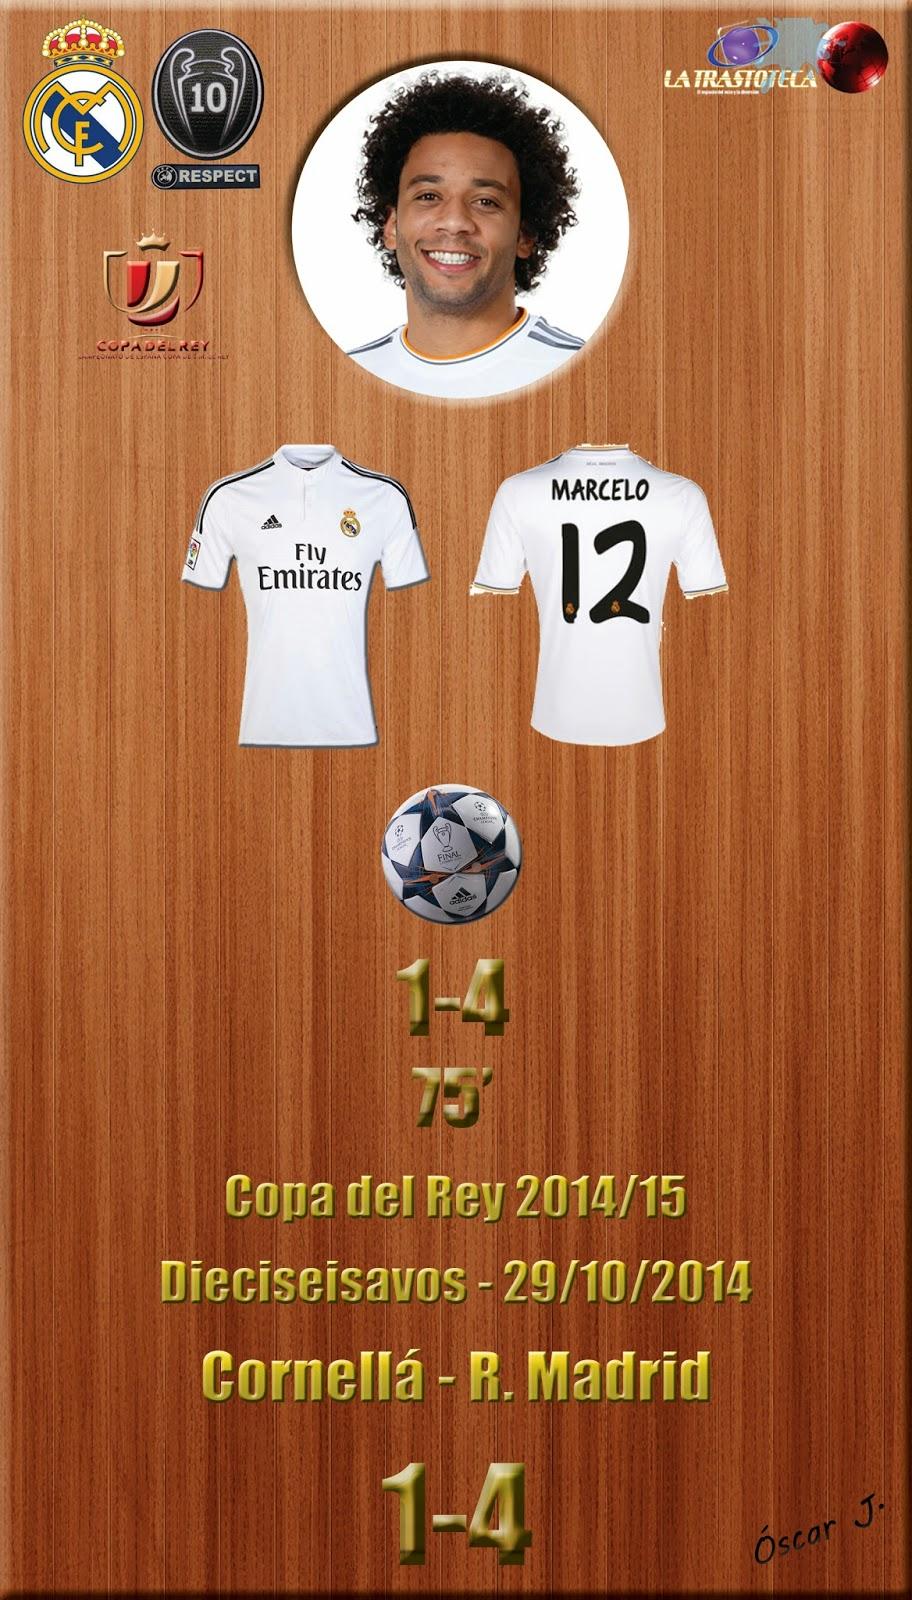 Marcelo (1-4) - Cornellá 1-4 Real Madrid - Copa del Rey 2014/15 - (29/10/2014)